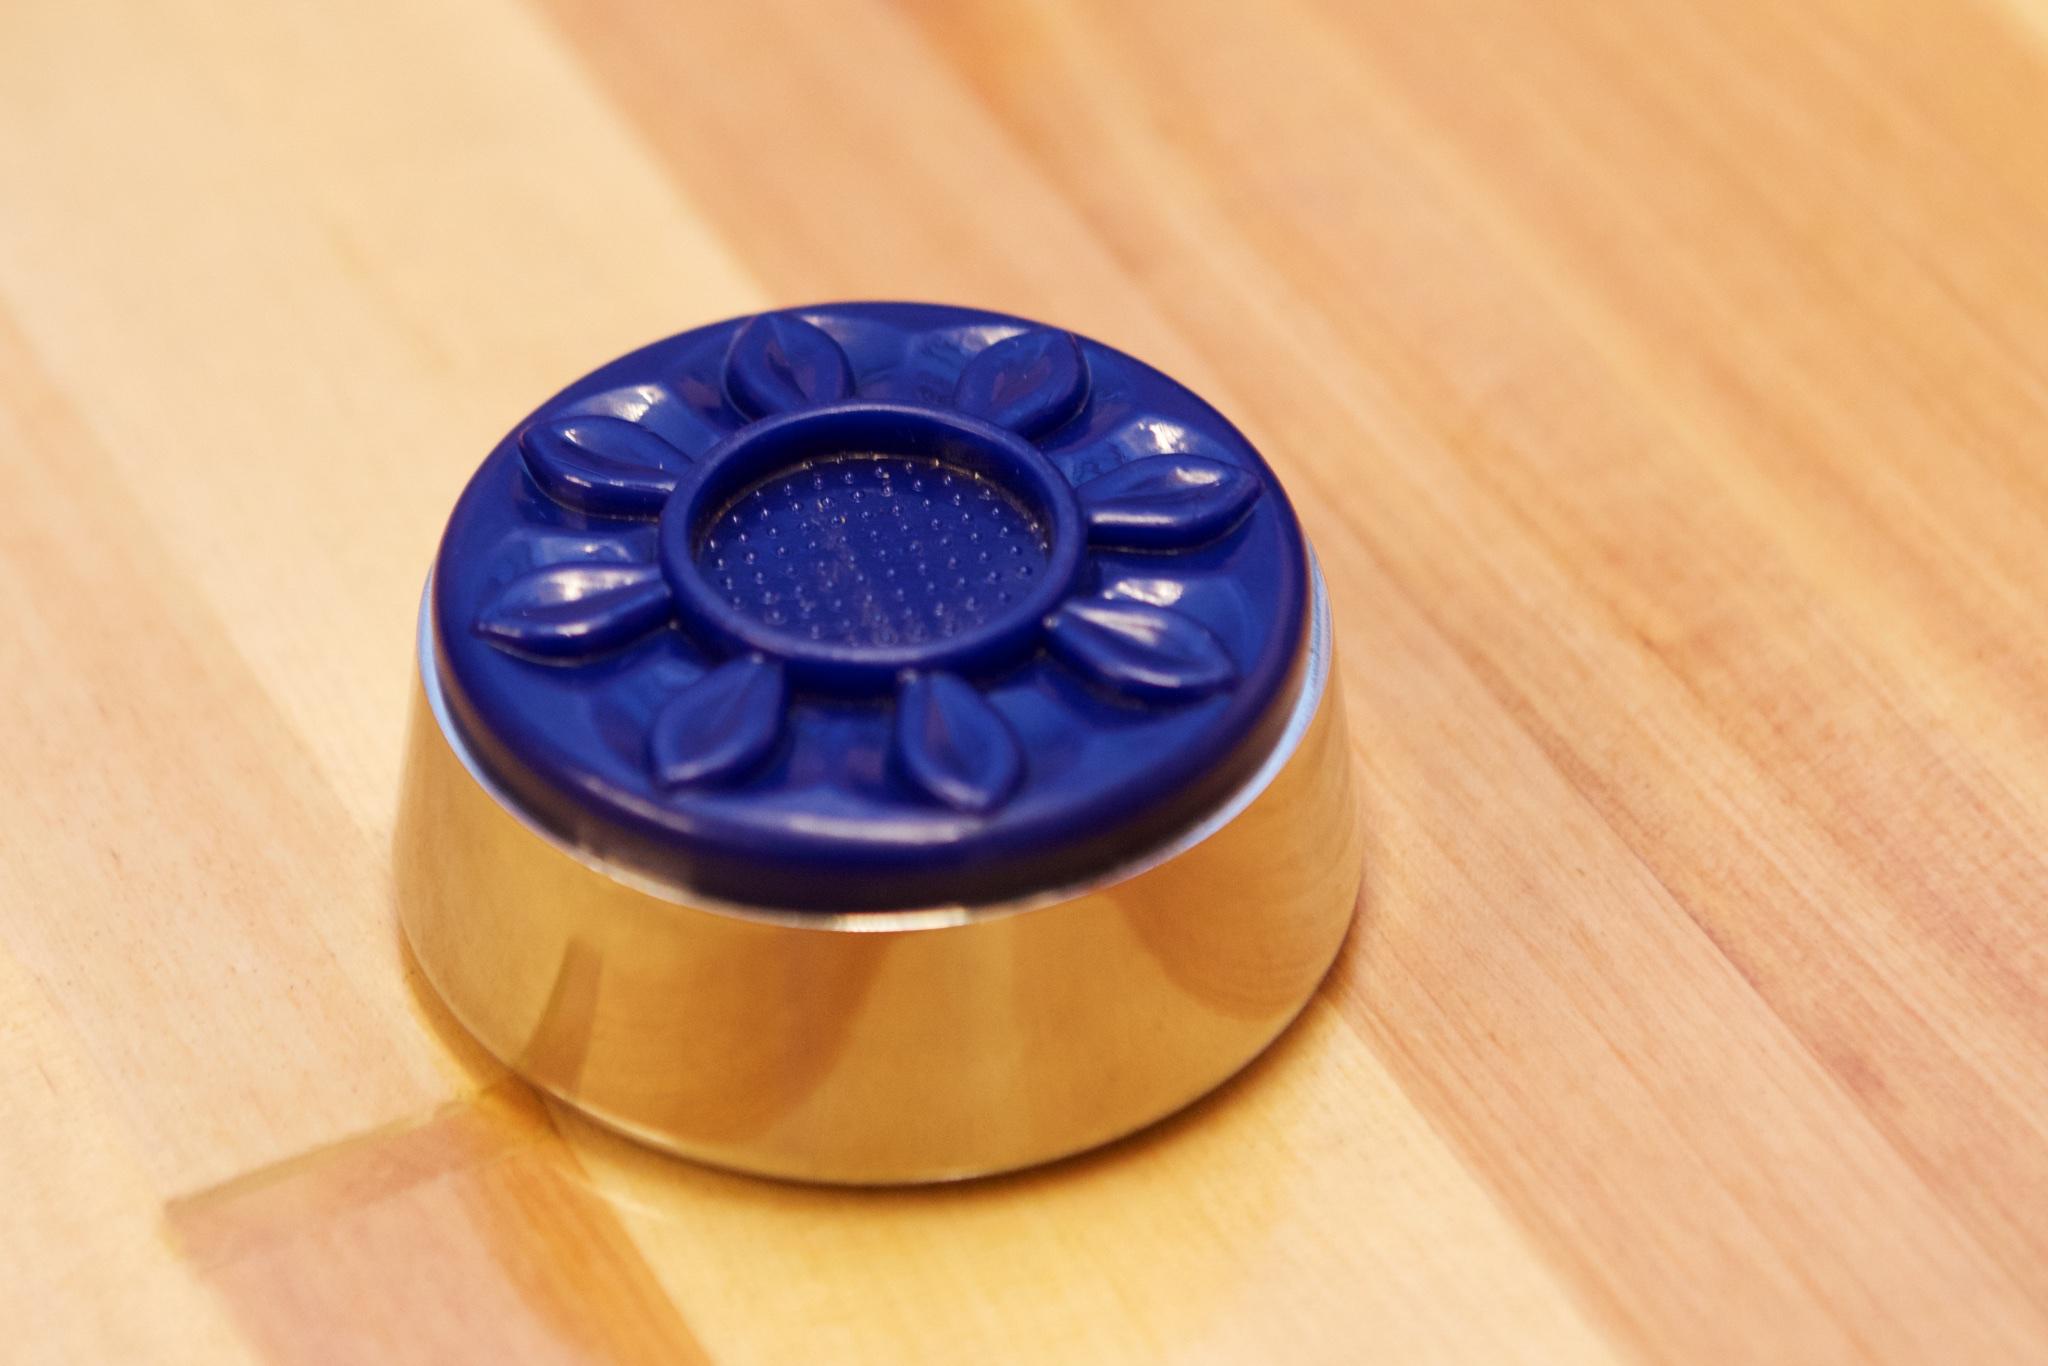 Medium shuffleboard puck stein farge blå